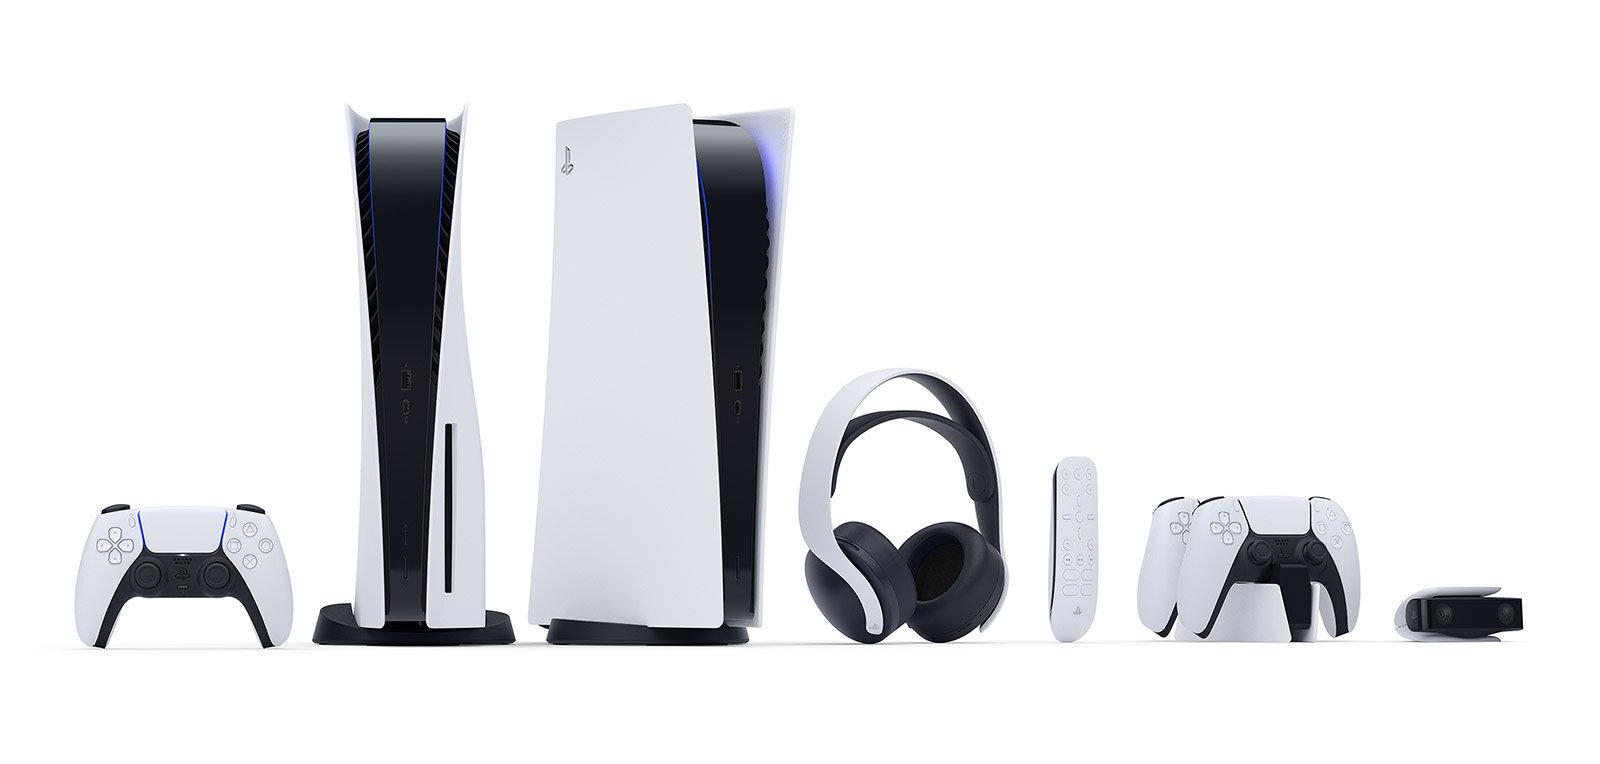 وحدة تحكم جديدة من سوني: بلايستيشن 5 PlayStation